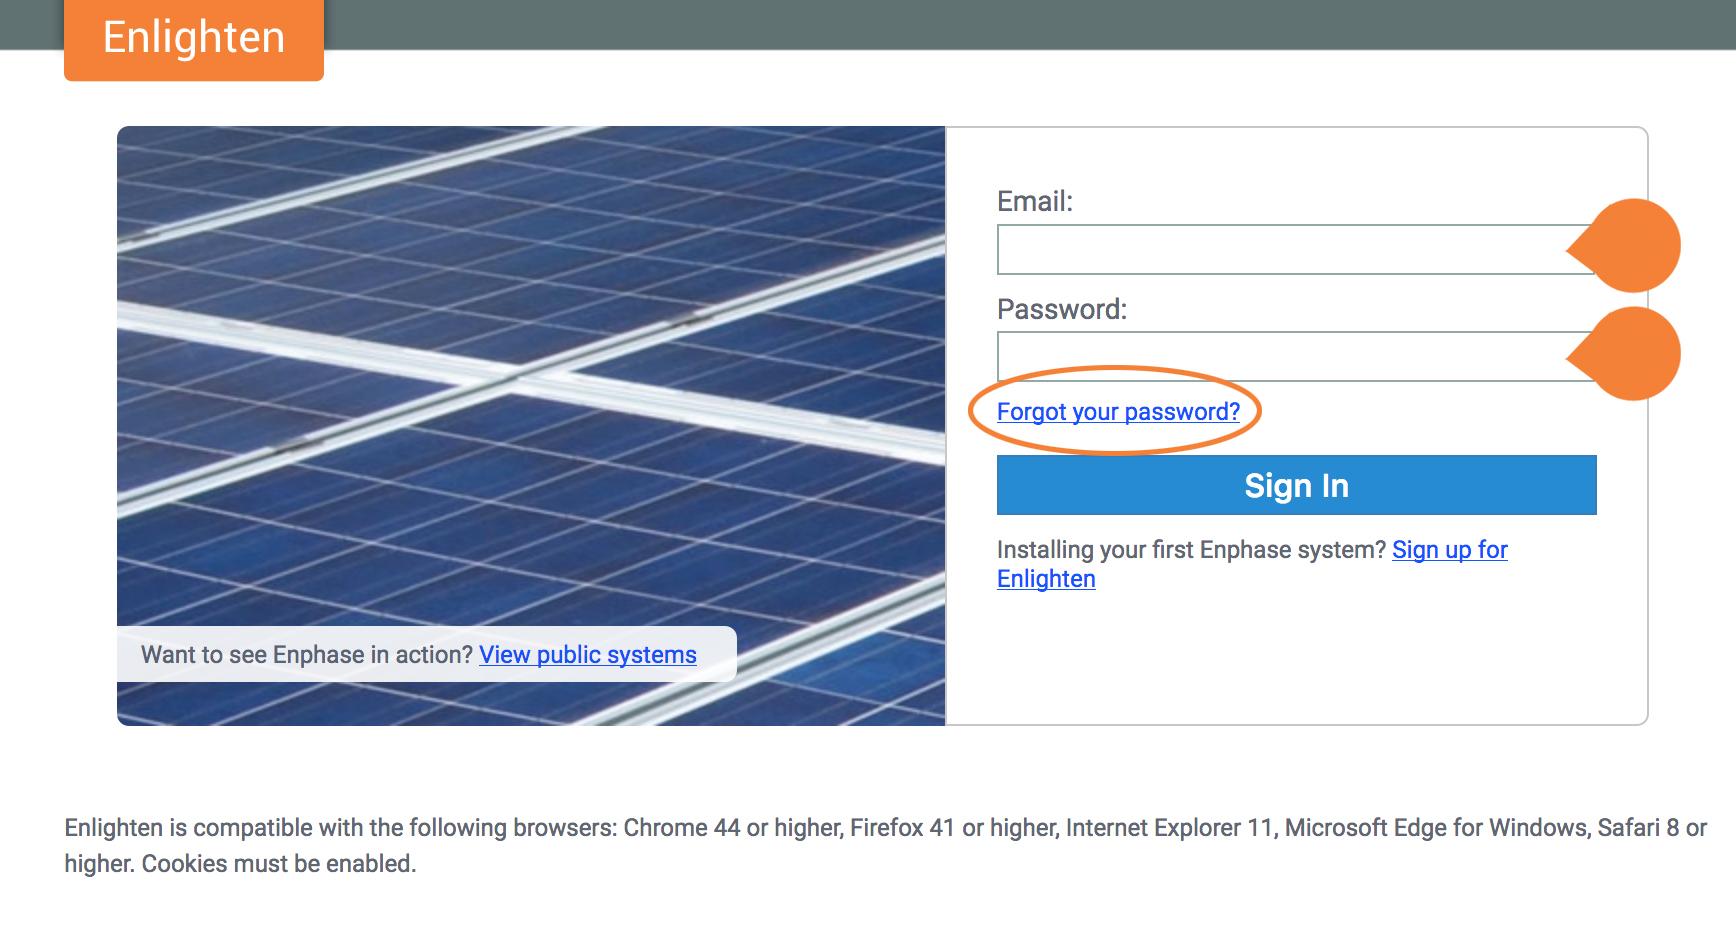 Enlighten Login page on enlighten.enphaseenergy.com